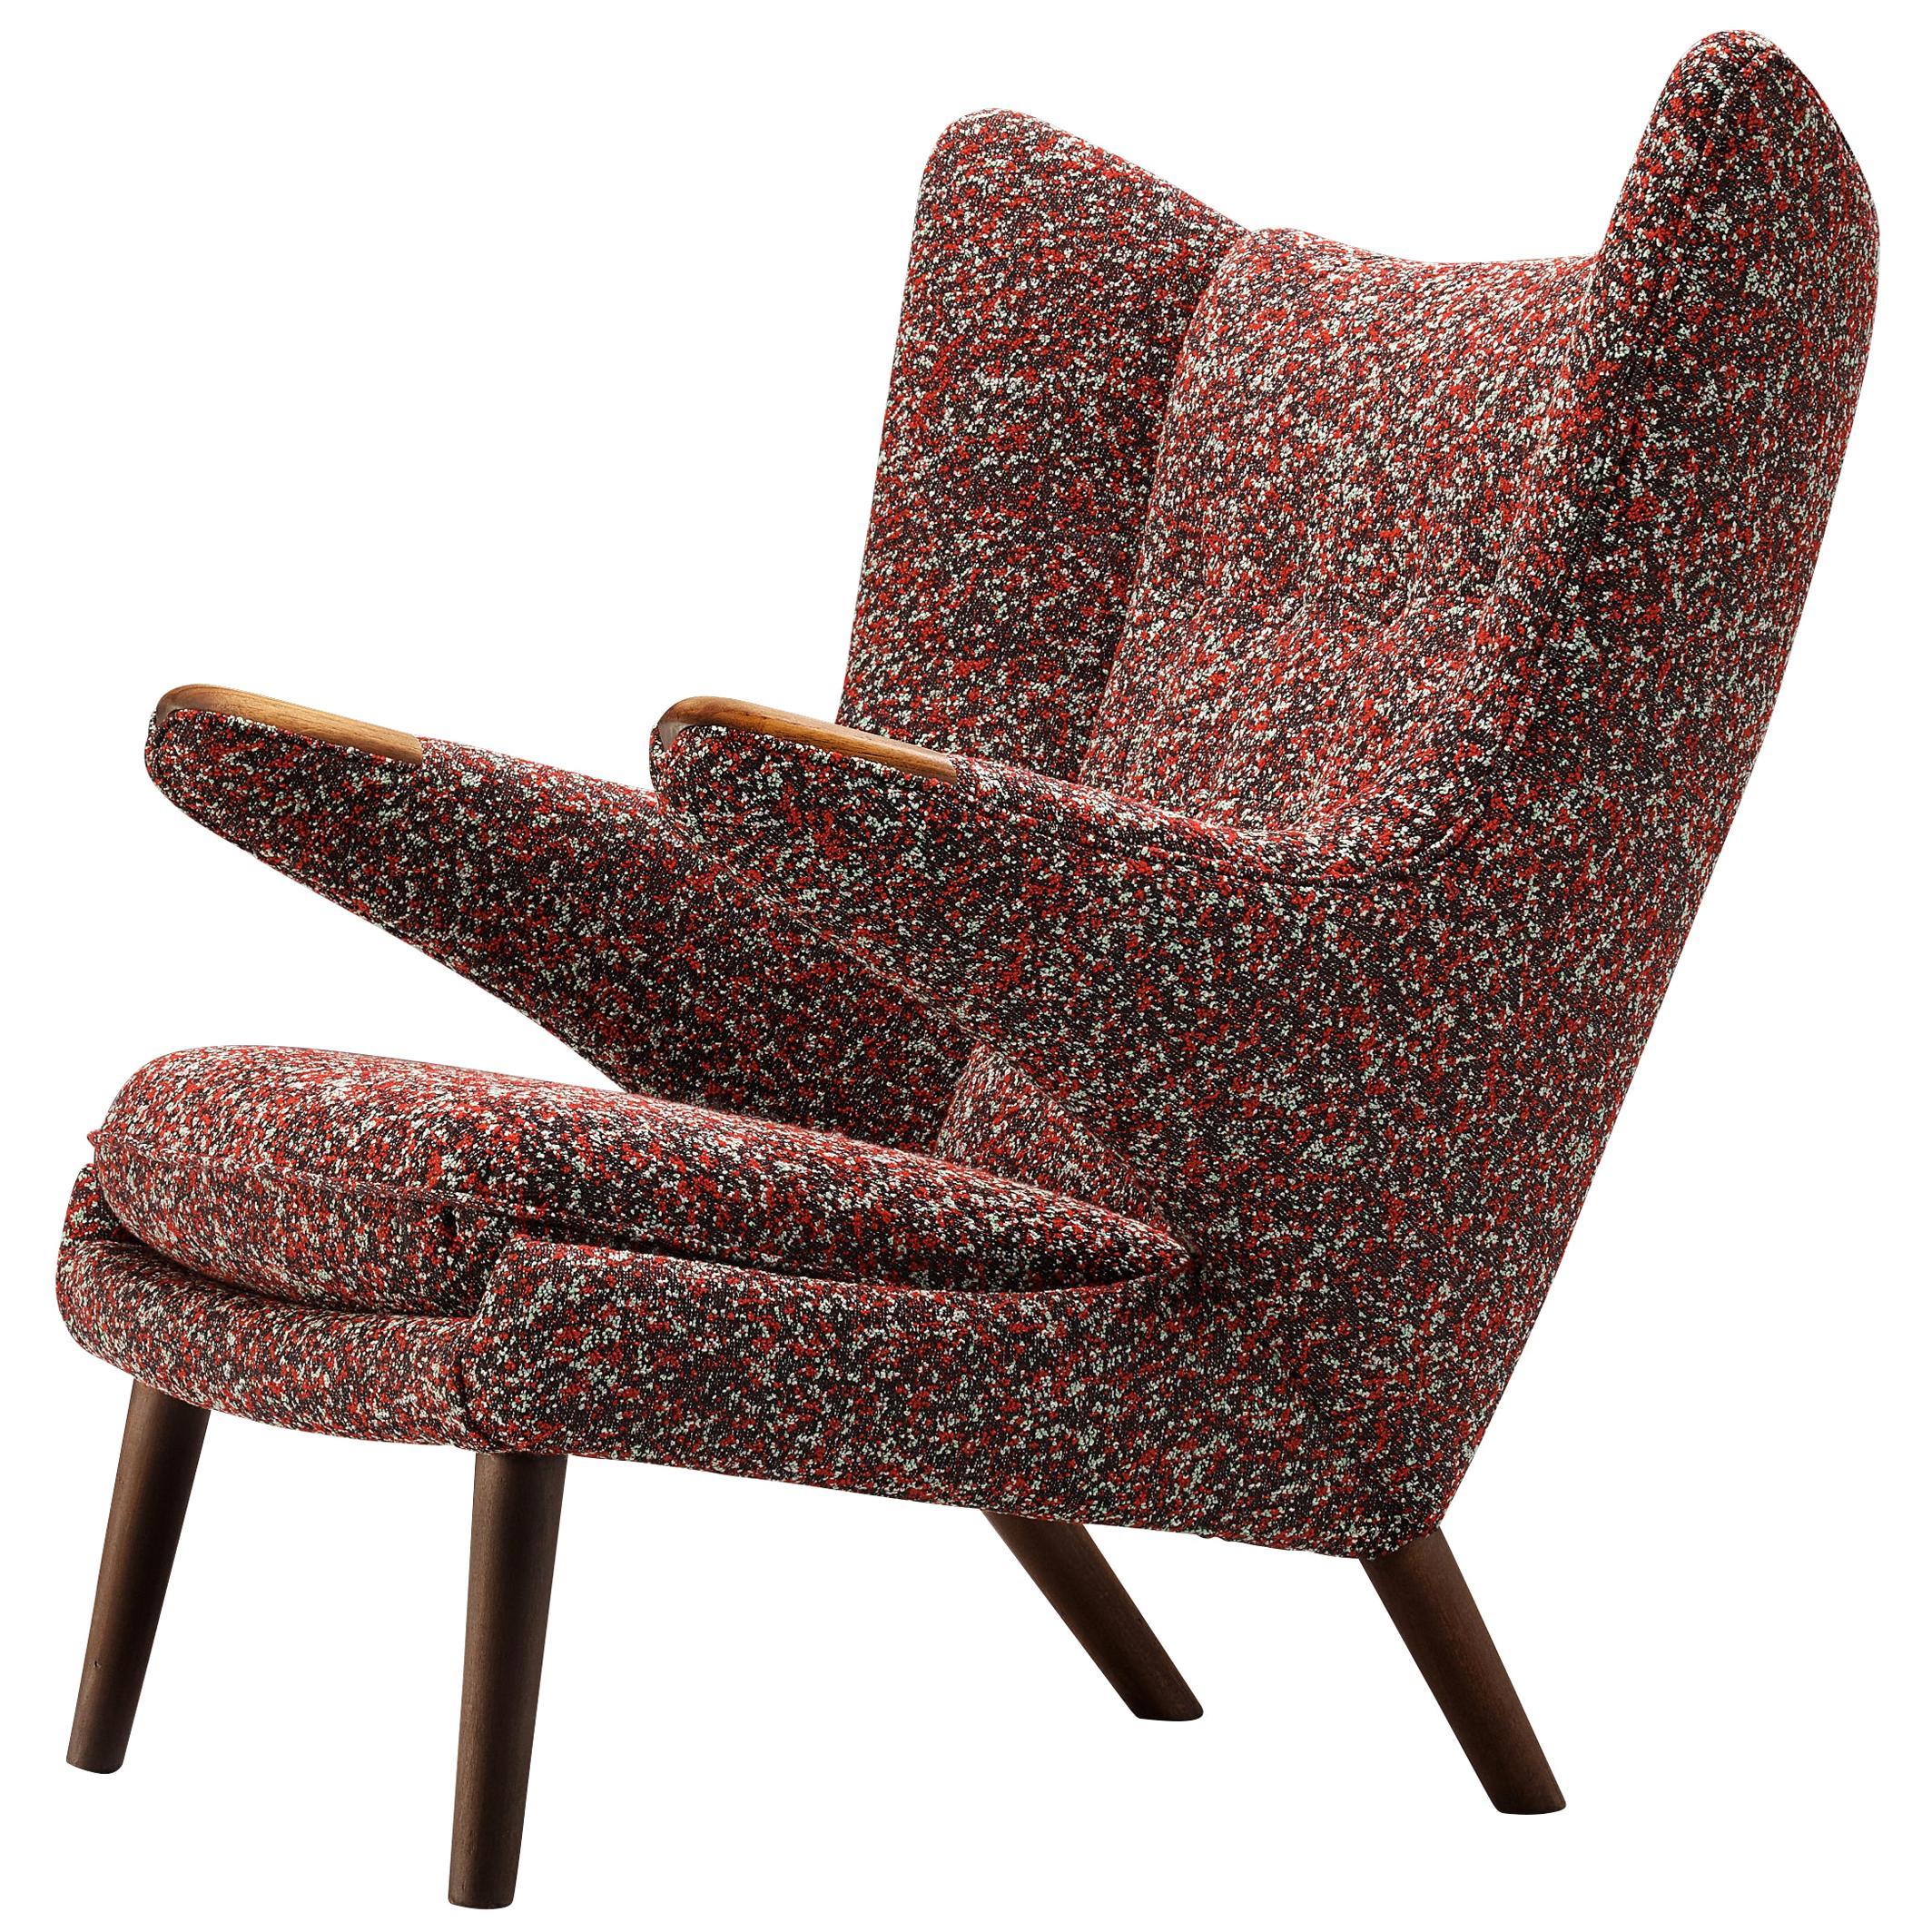 Hans J. Wegner Customized 'Papa Bear' Lounge Chair Upholstered in Raf Simons